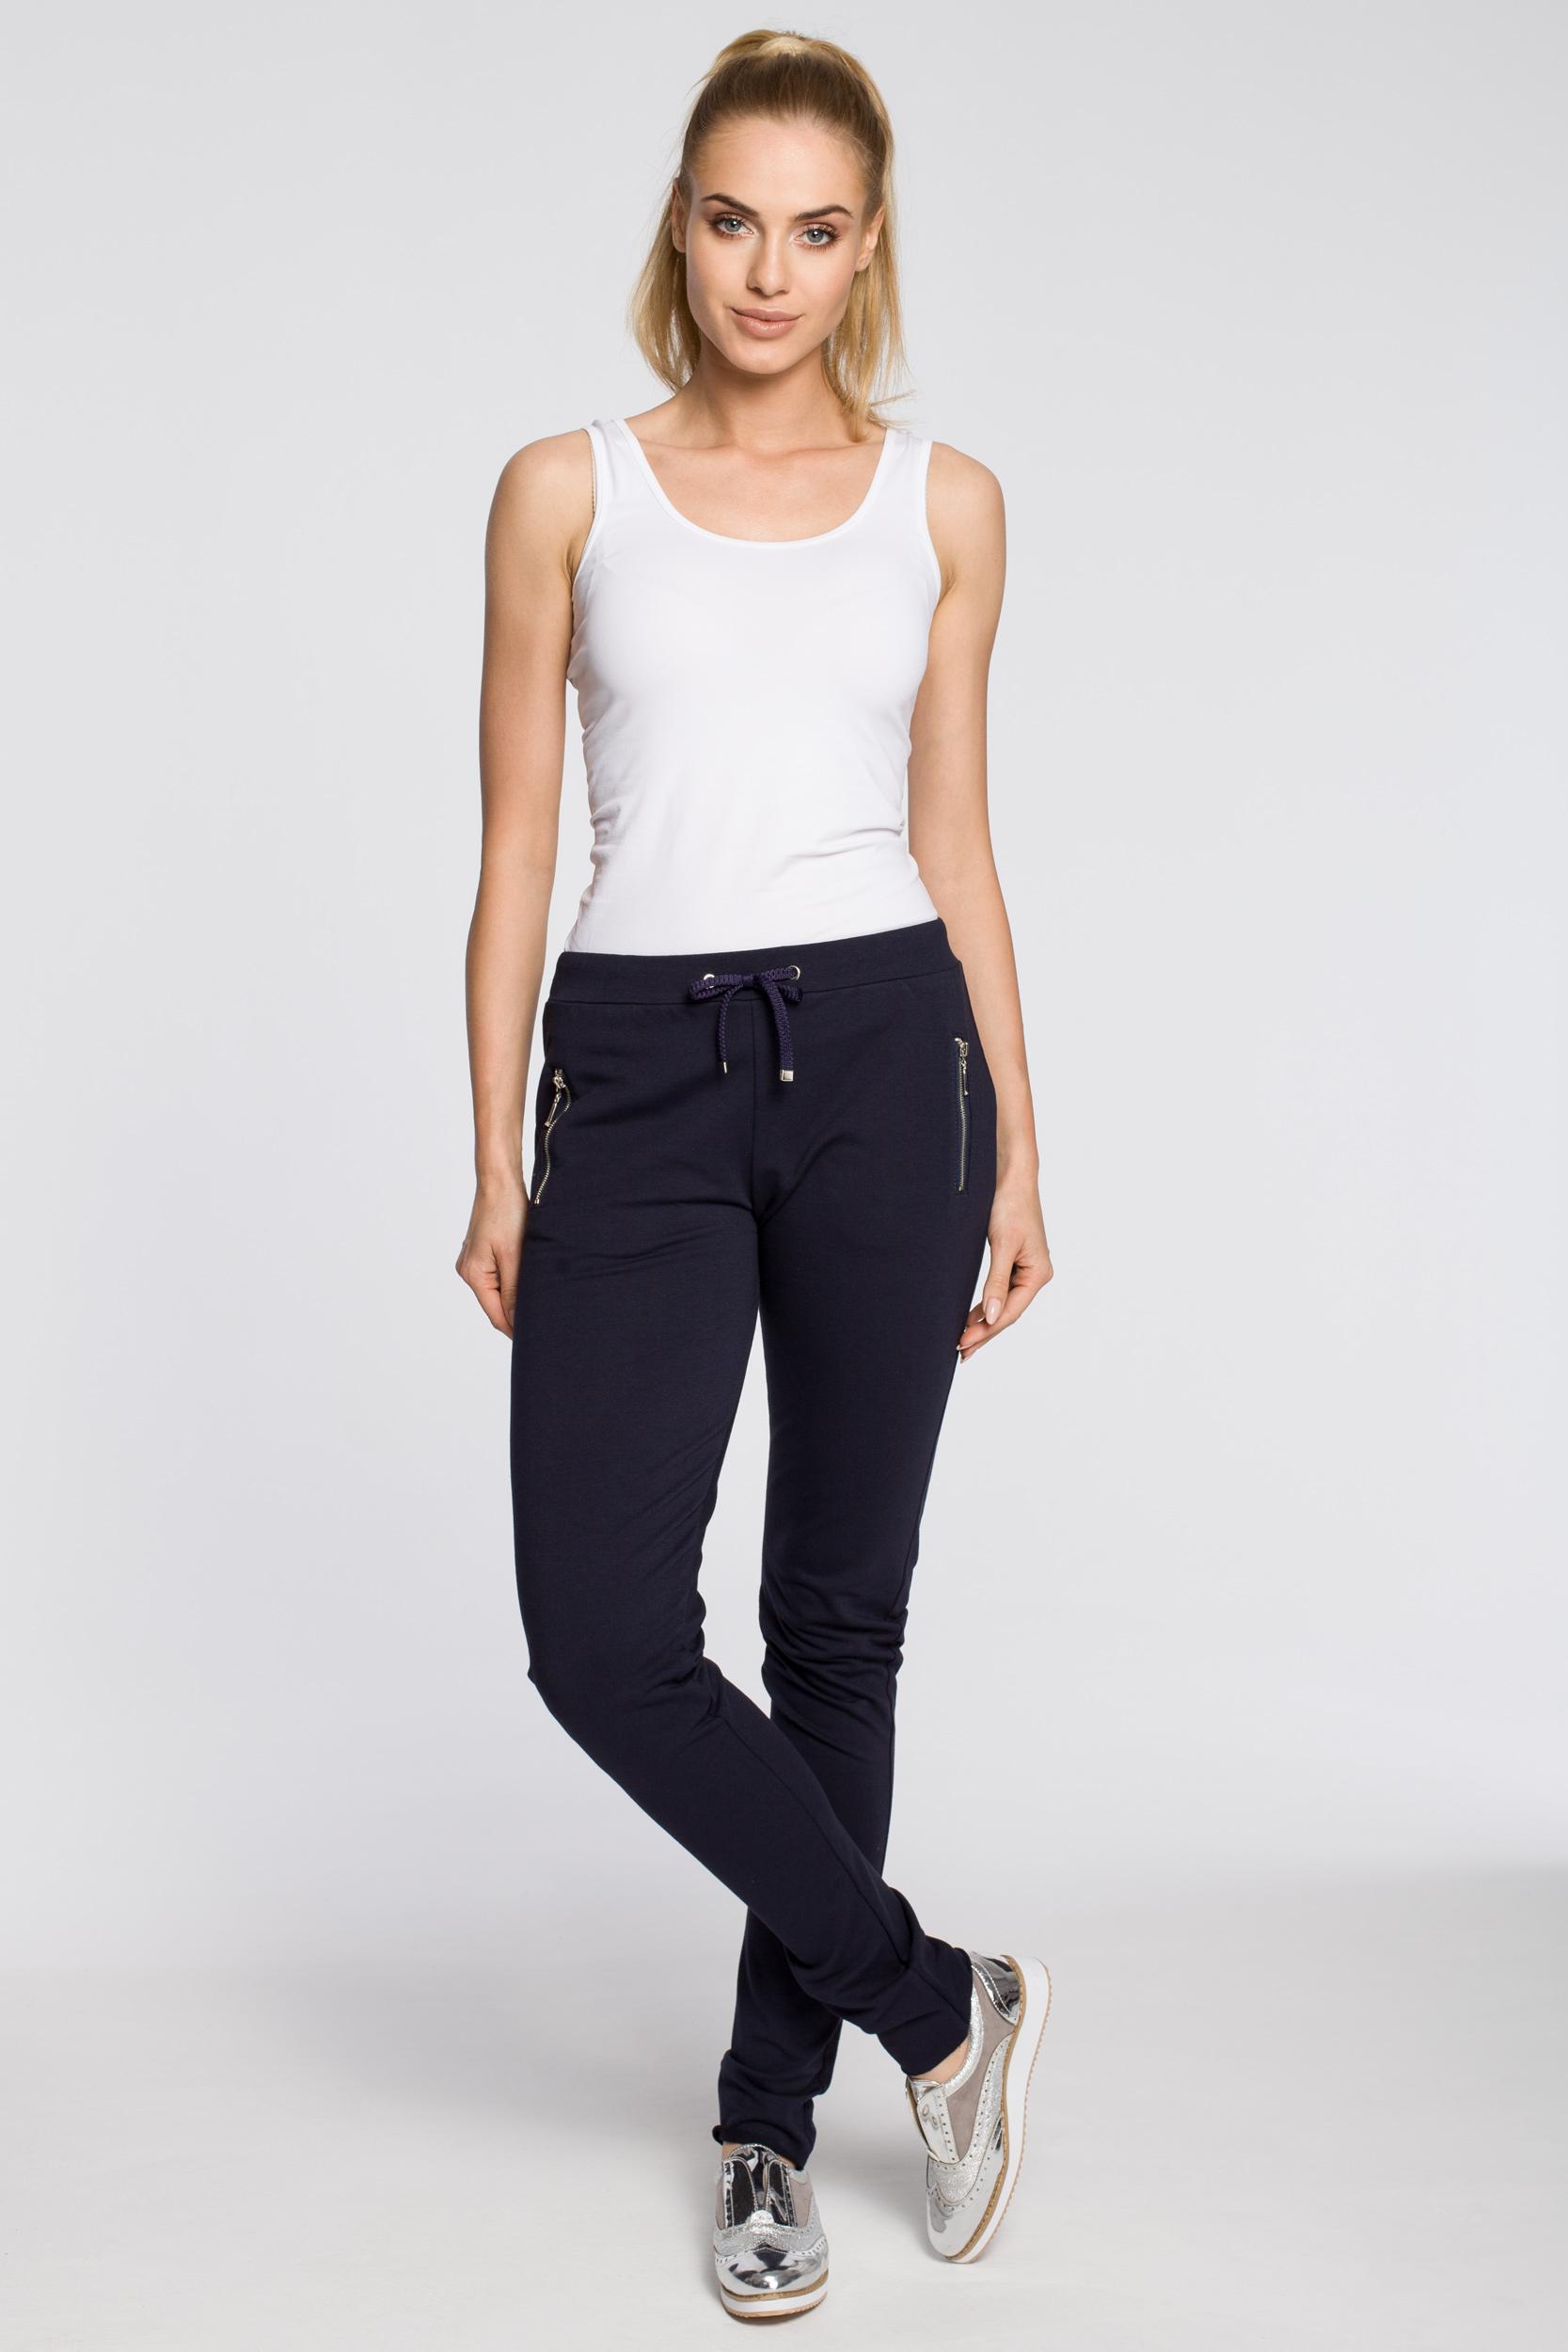 CM2210 Nowoczesne dresowe spodnie damskie - granatowe